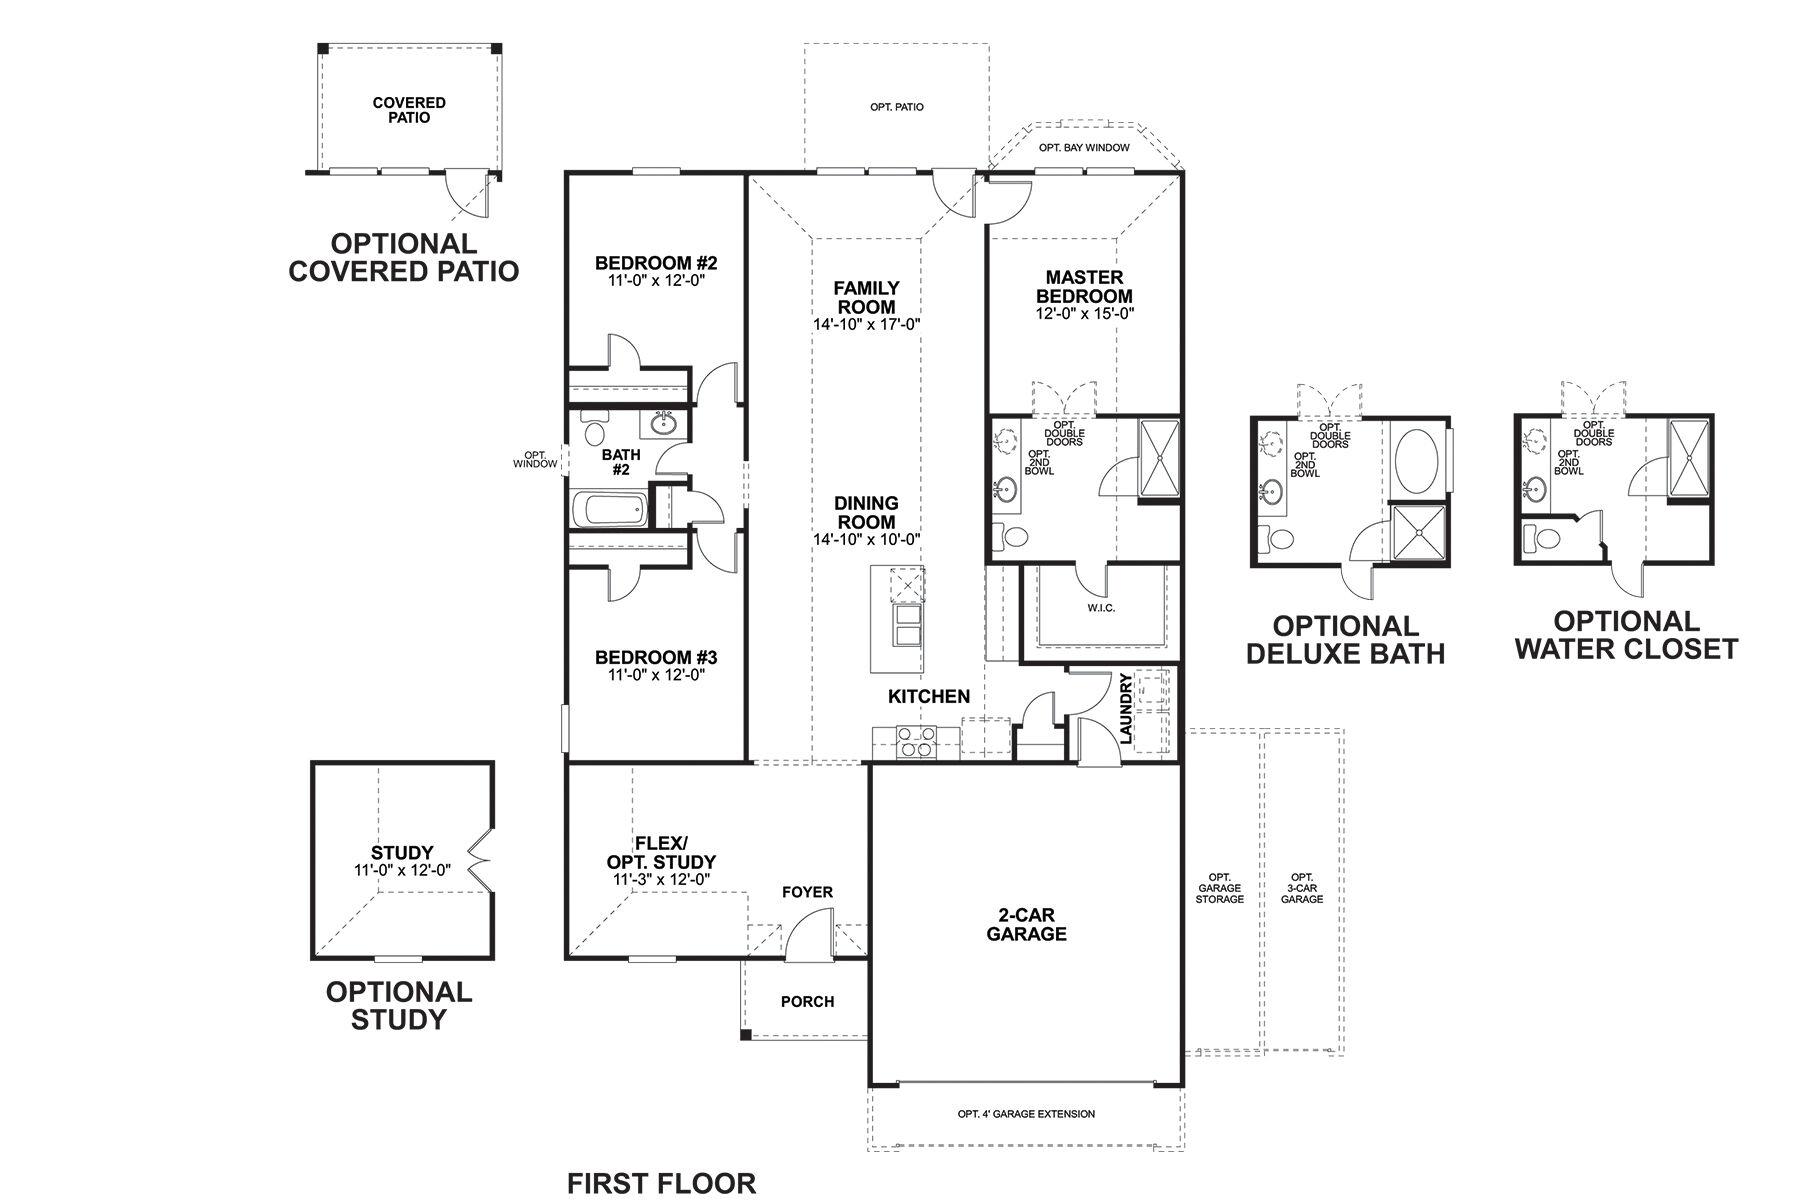 Desoto First Floor